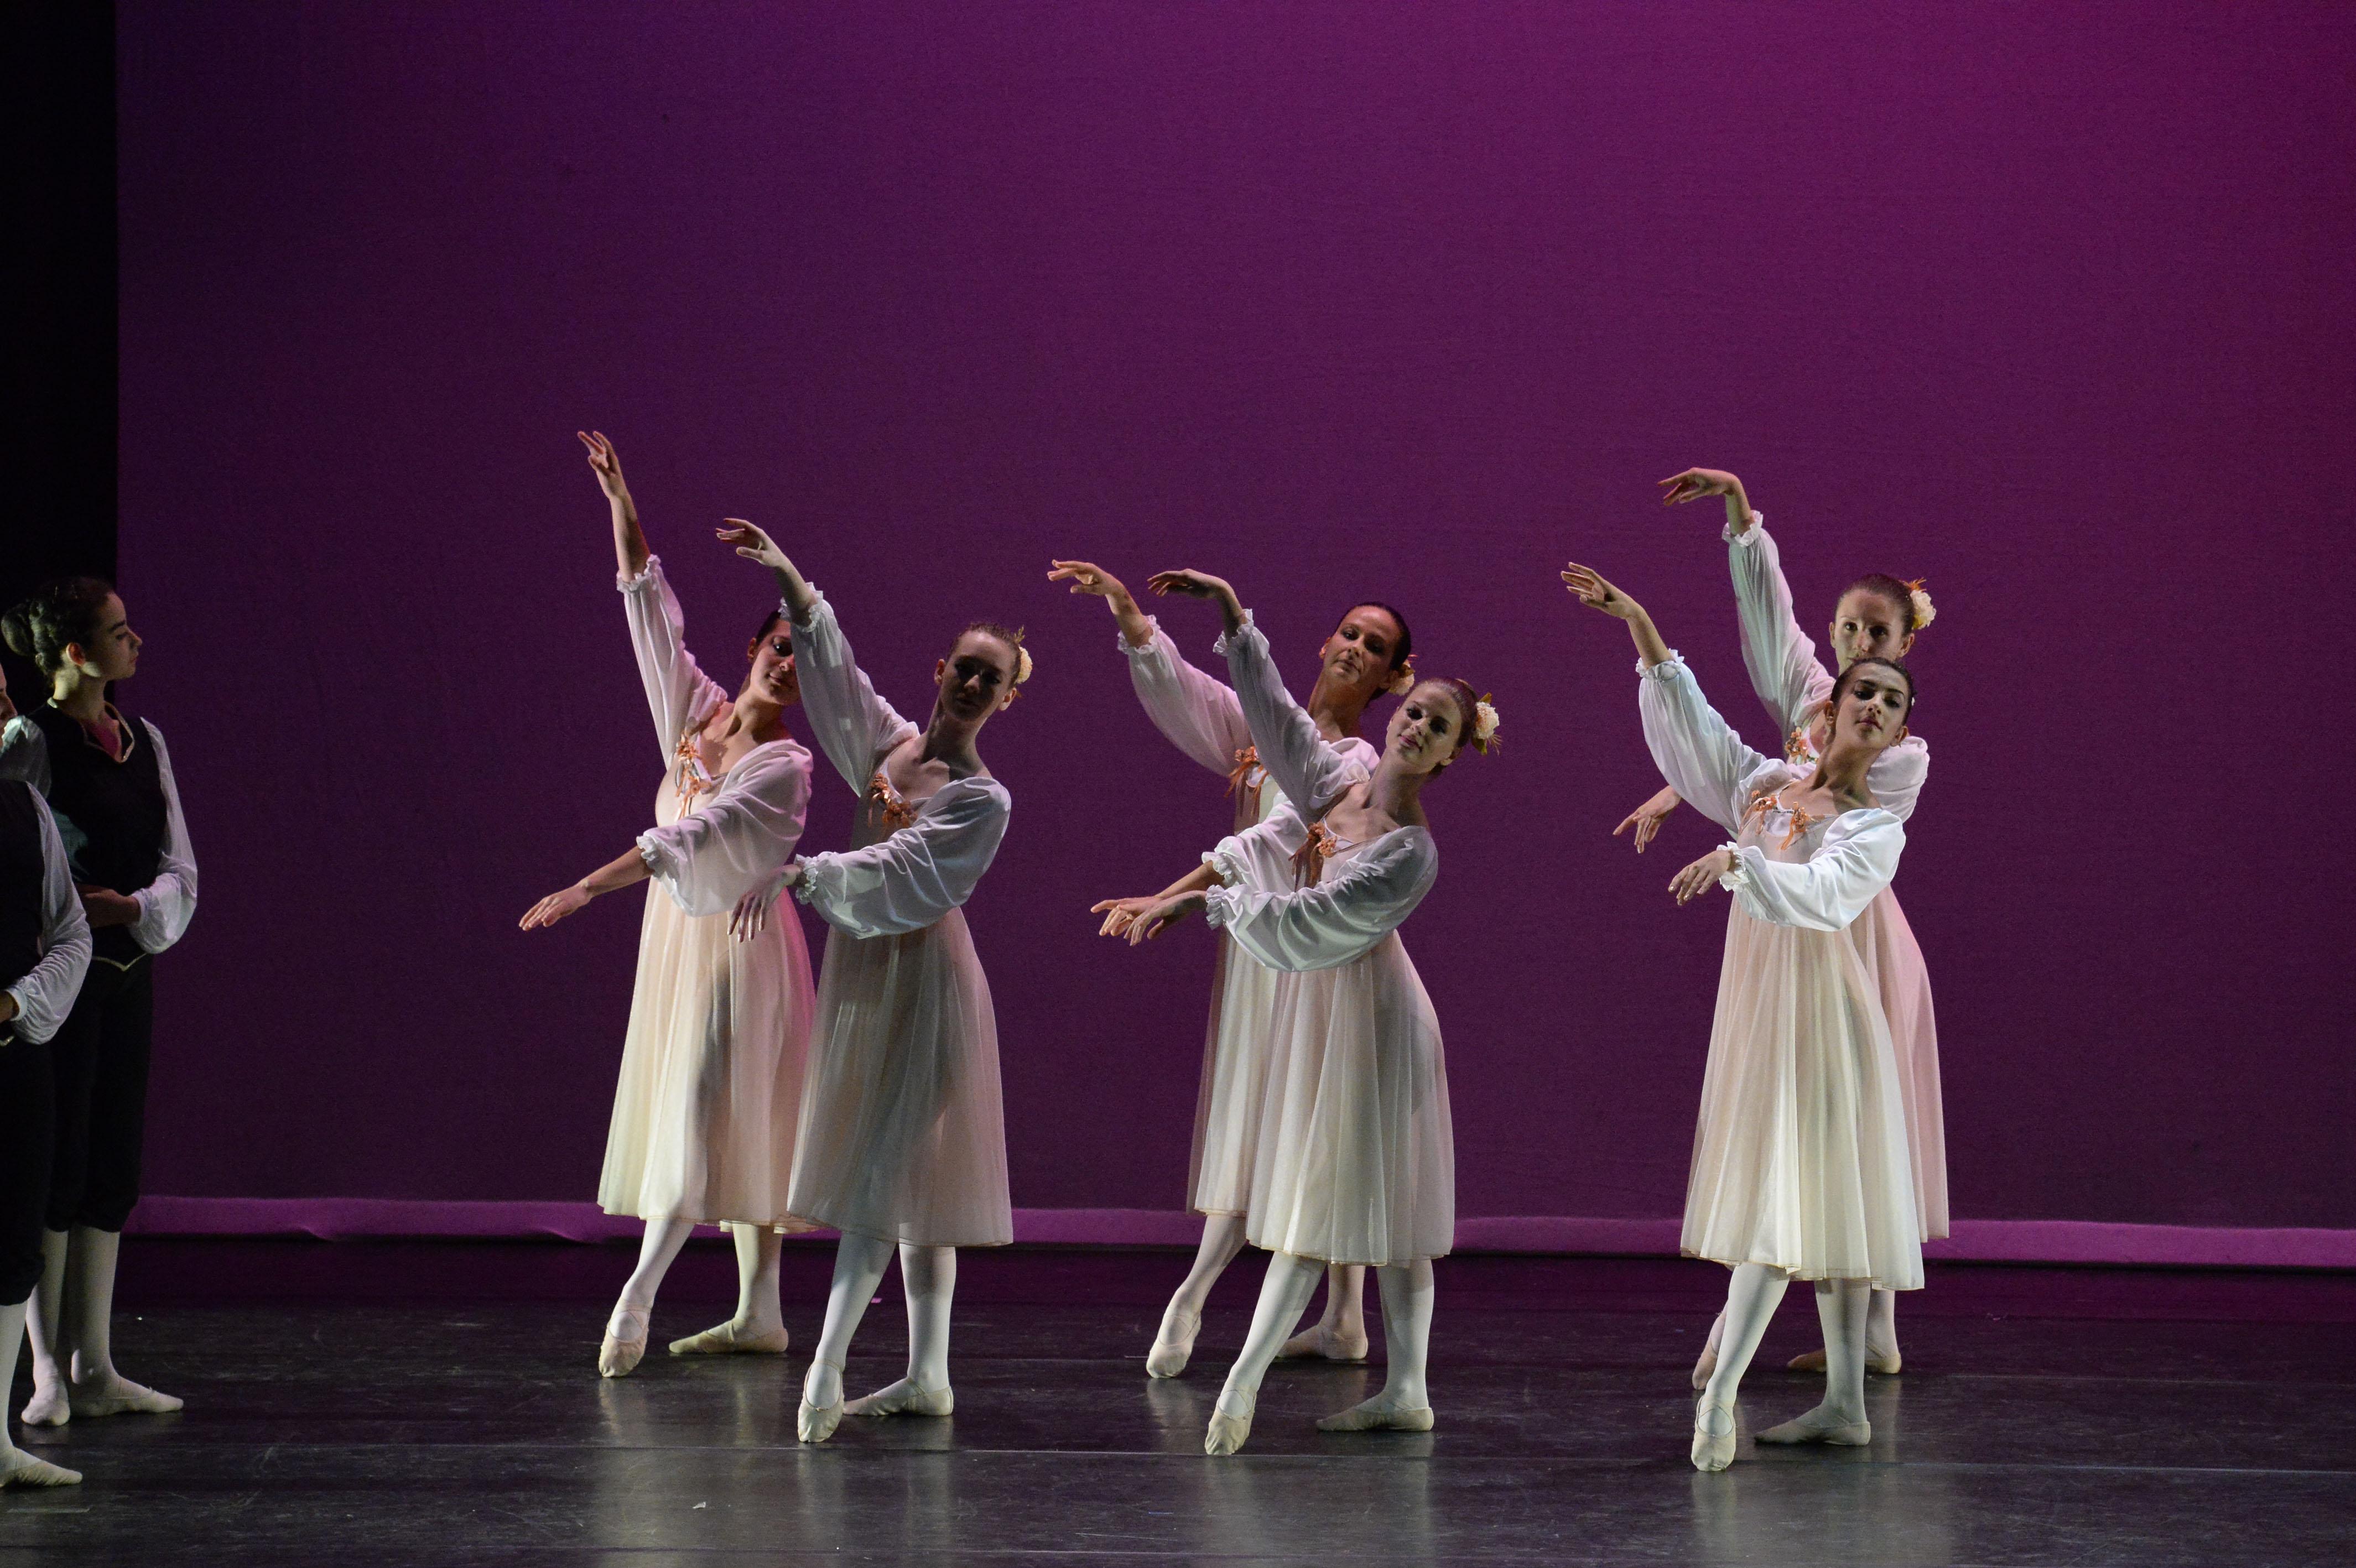 L'amore 1700 Saggio scuola di danza Arnoldi 2016